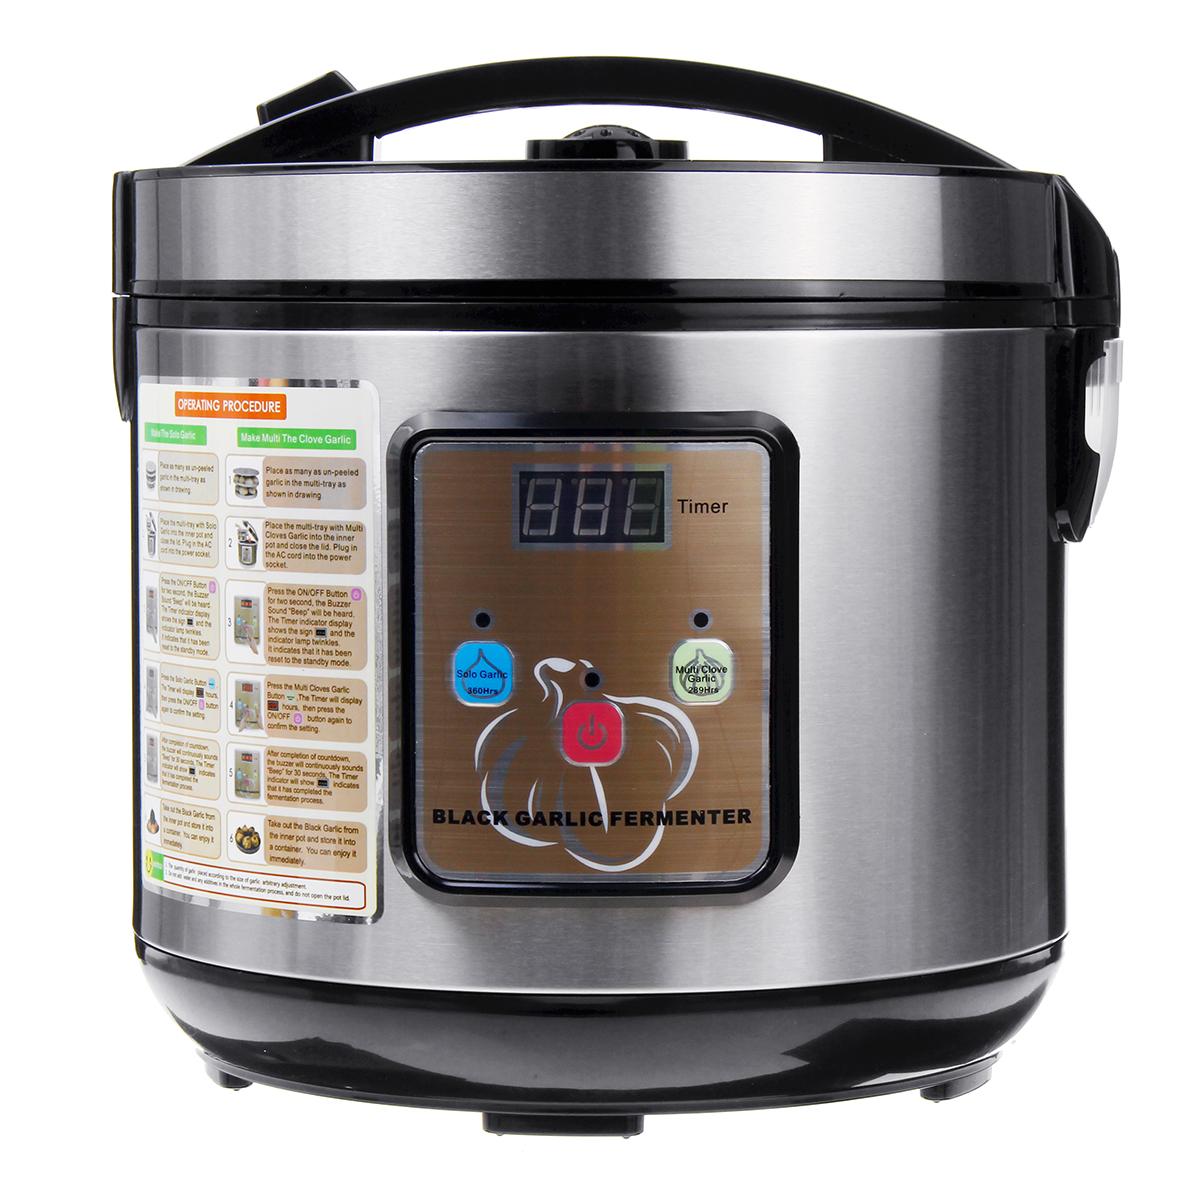 5-6L 90W Черный Чеснок Ферментер Digtal Ferment Коробка Автоматическая регулировка температуры Кухонный комбайн